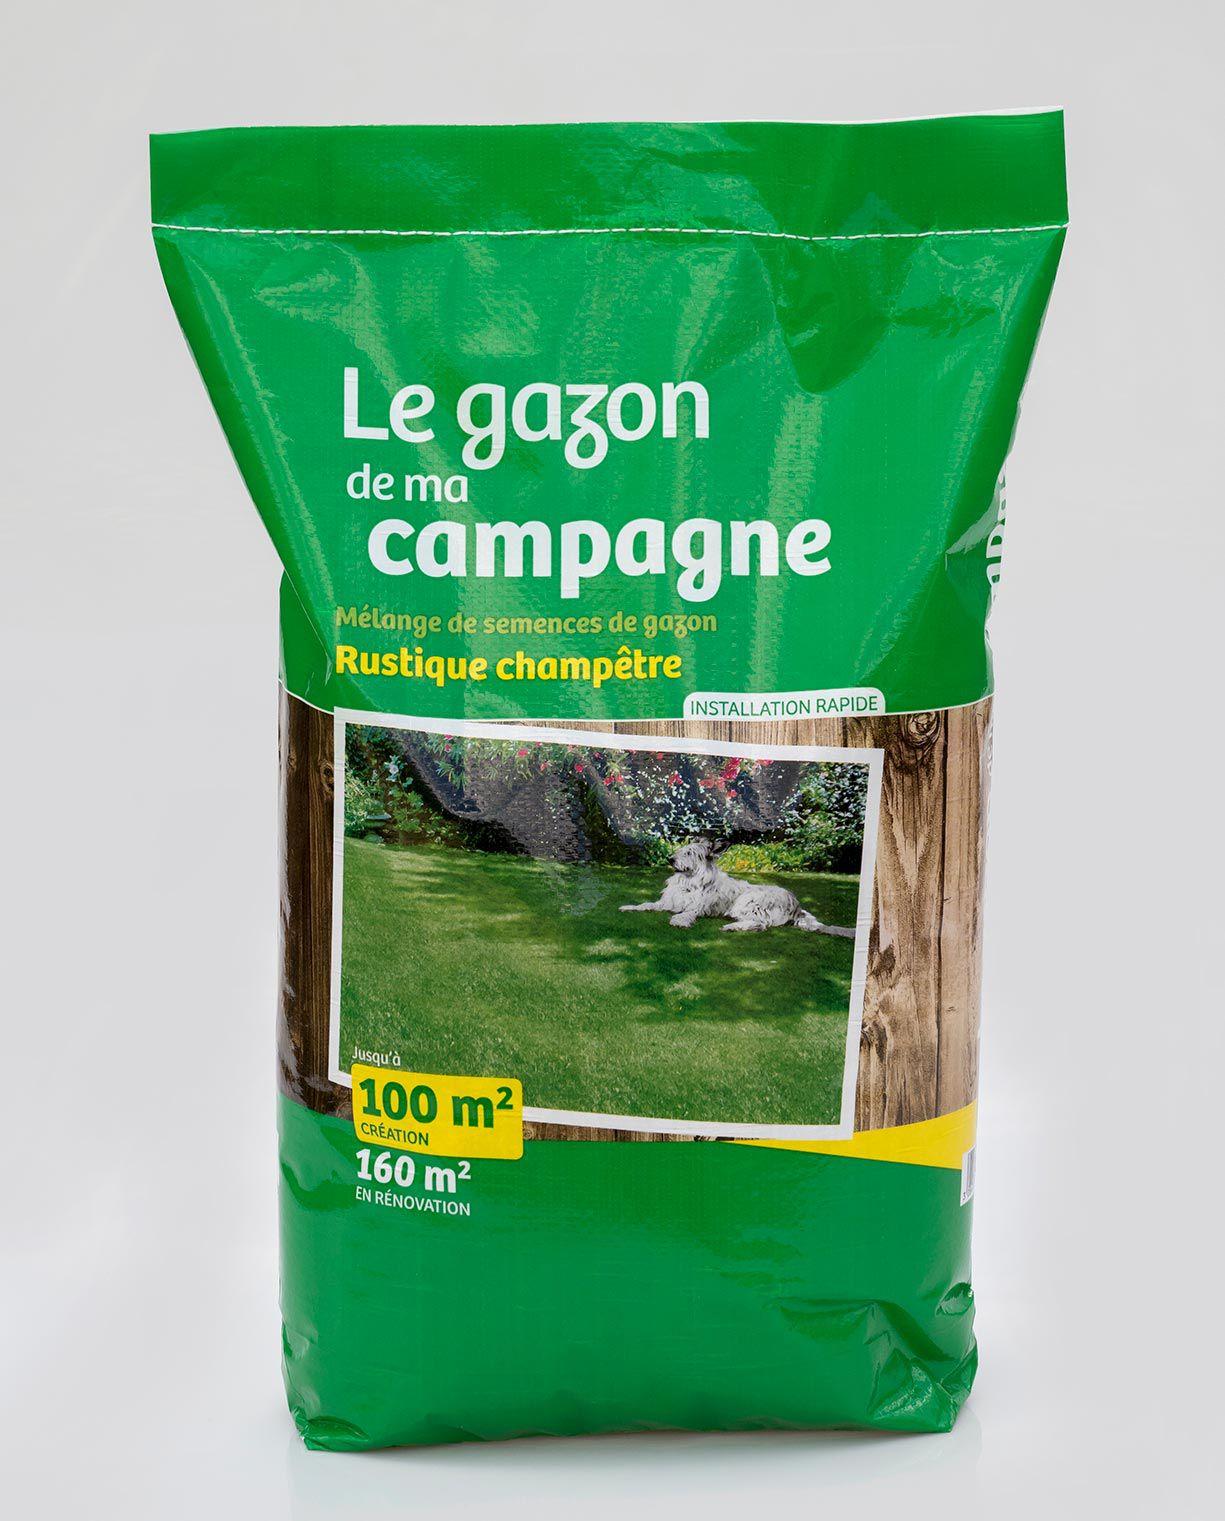 LE GAZON DE MA CAMPAGNE  : Sac de 3 kg - Sac de 10 kg